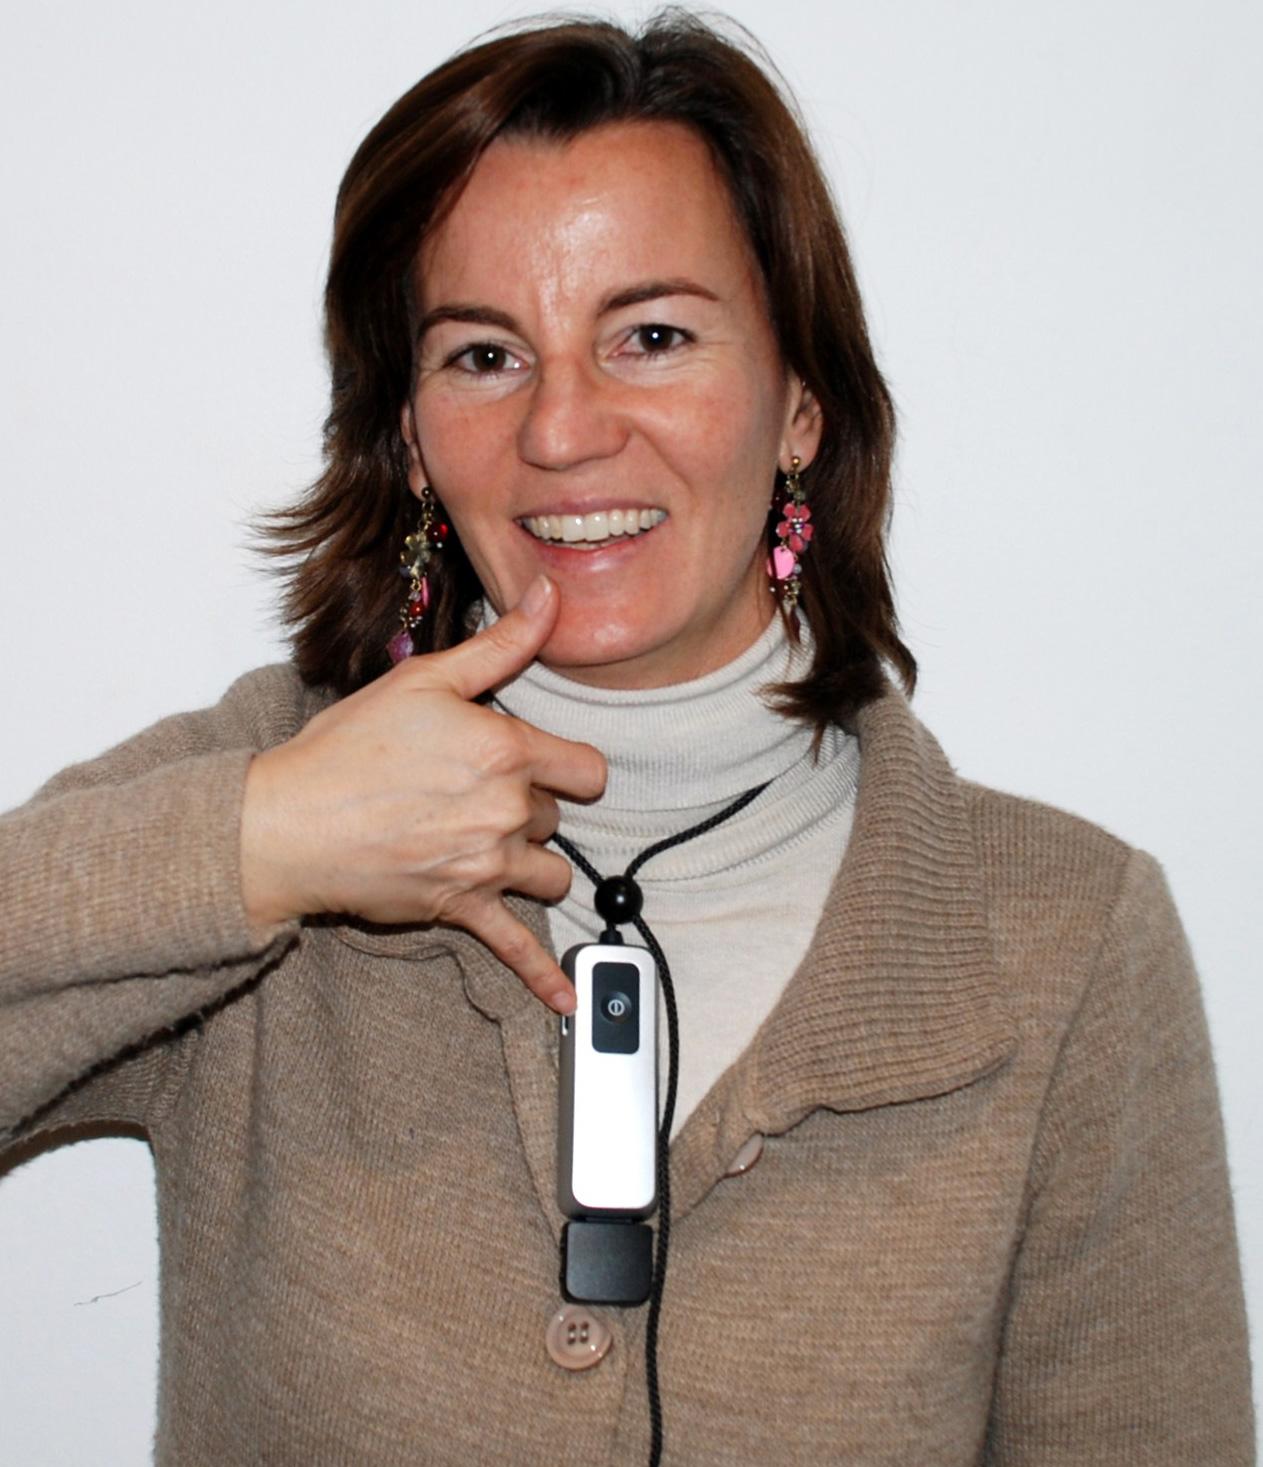 sistema fm microfono integrado correcto